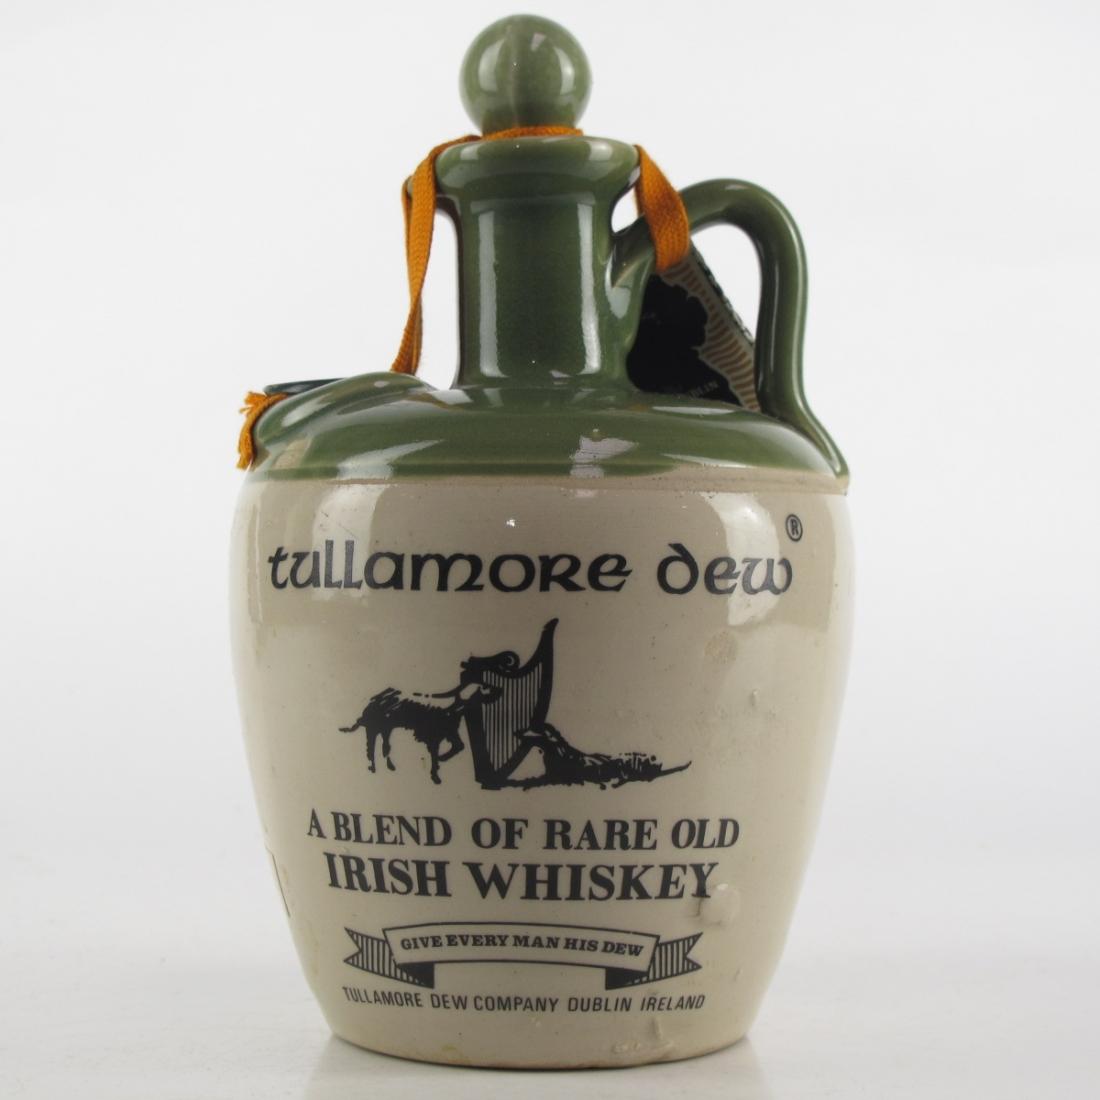 Tullamore Dew Decanter 1980s